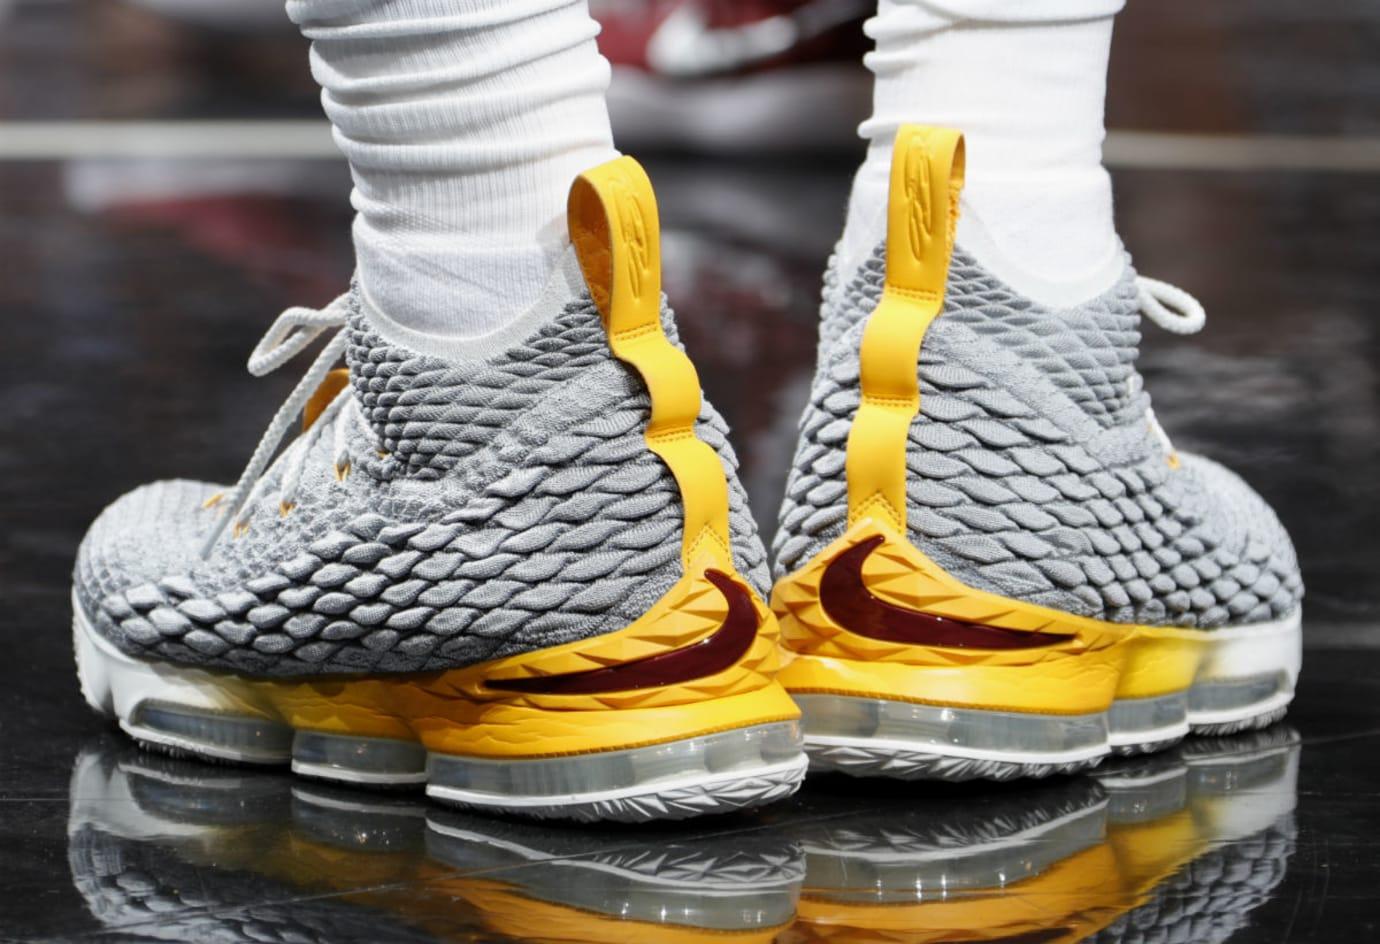 LeBron James Nike LeBron 15 Grey/Yellow PE Heel